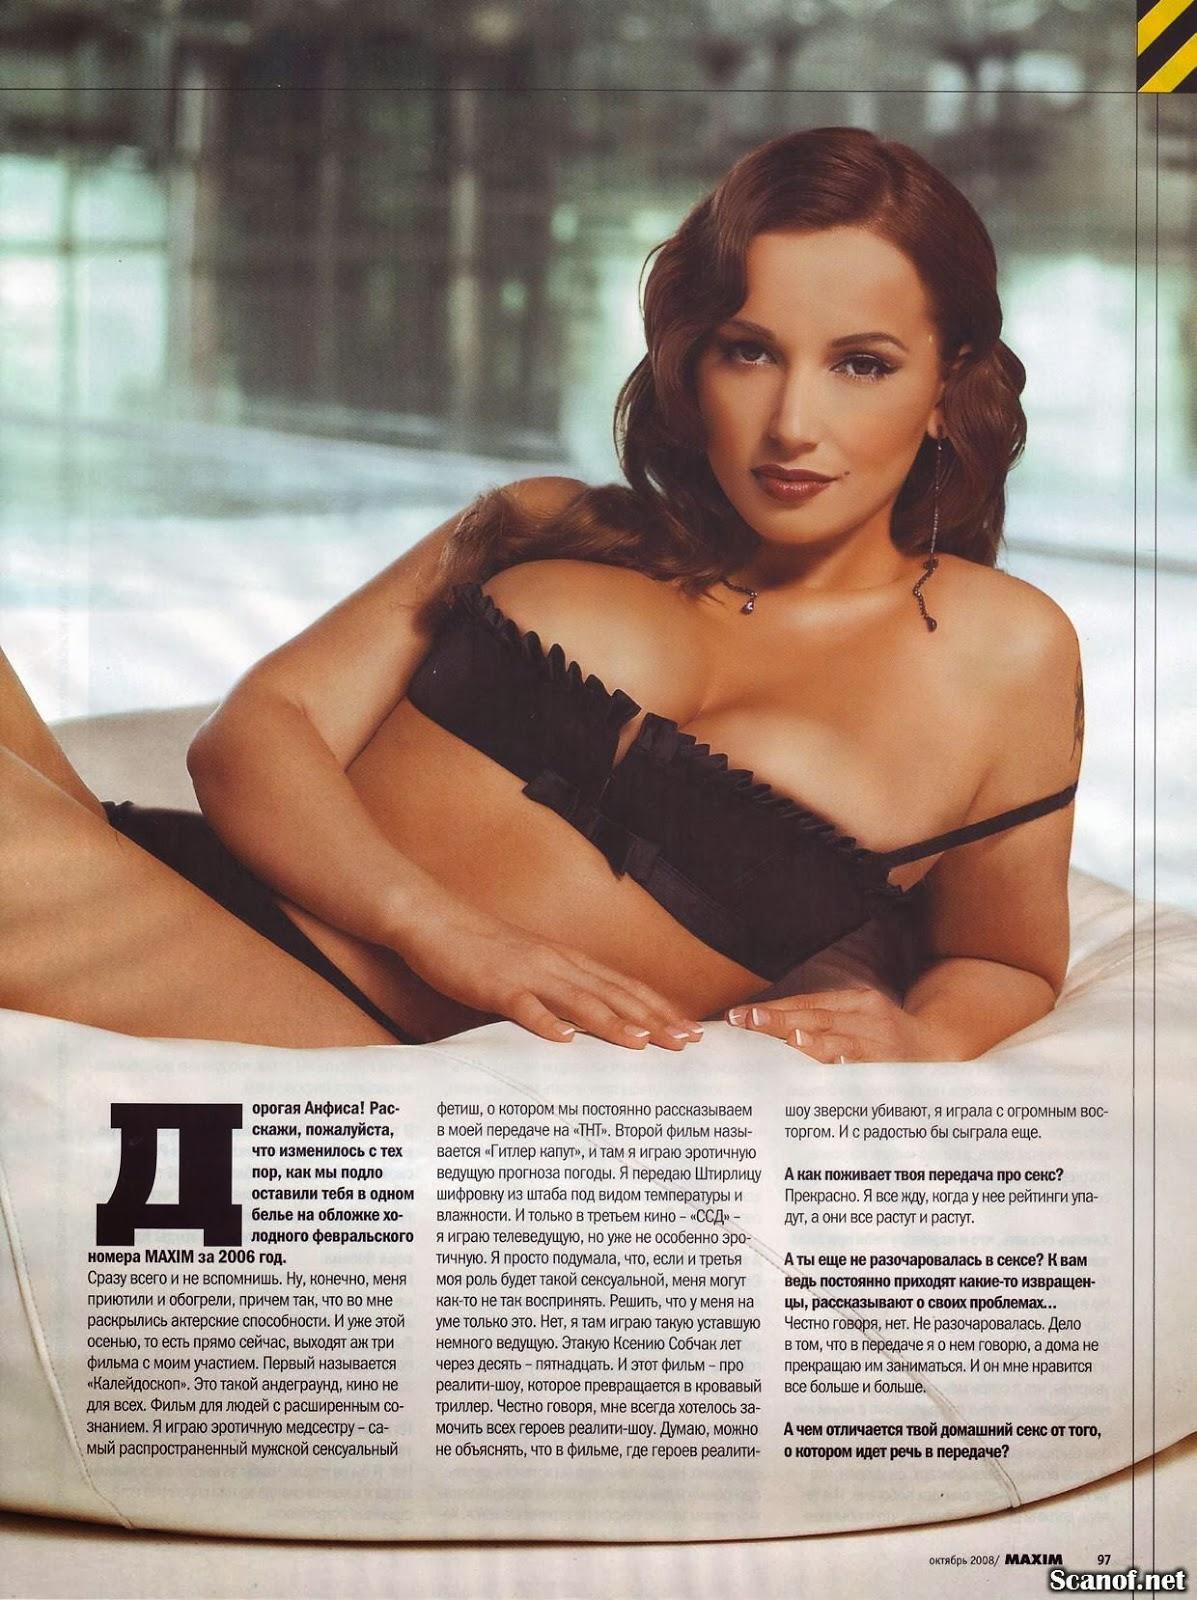 Русскую найти фотографии красивых женщин на обложку журнала не порнографию сиськи голые